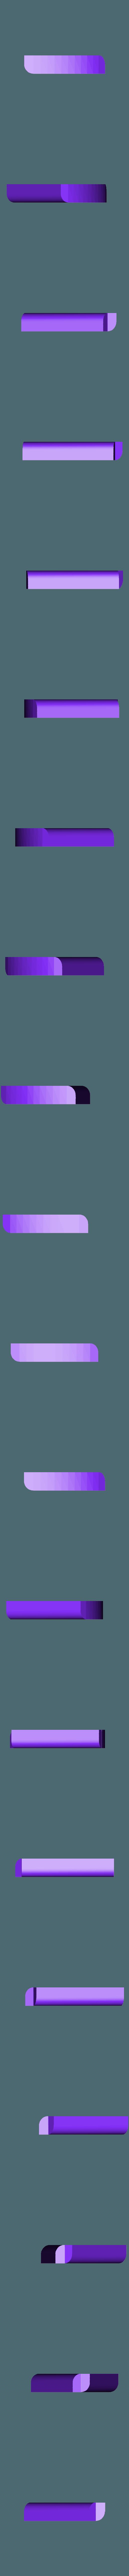 OrangeFacet3.STL Download free STL file SORCE Origami vertex • 3D printer design, byucmr